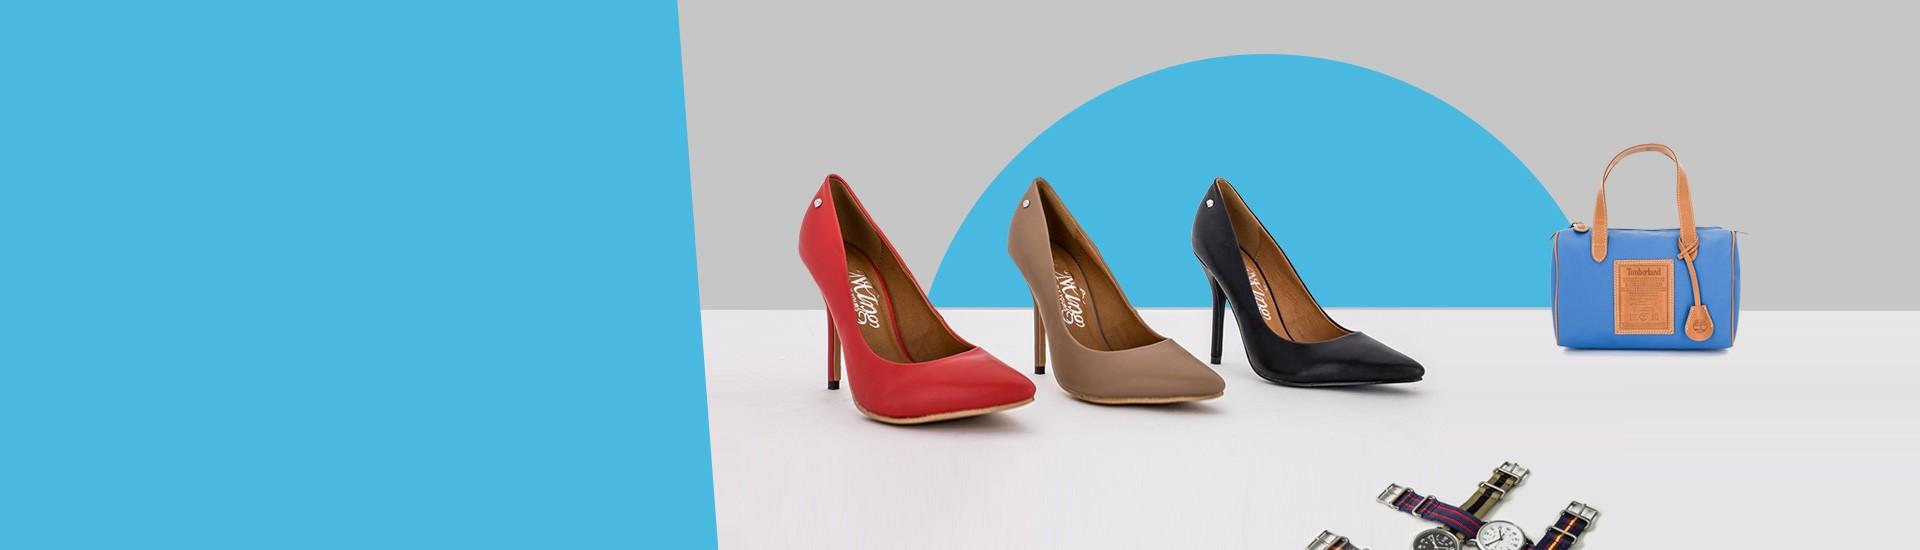 Imagen de producto tienda online calzado